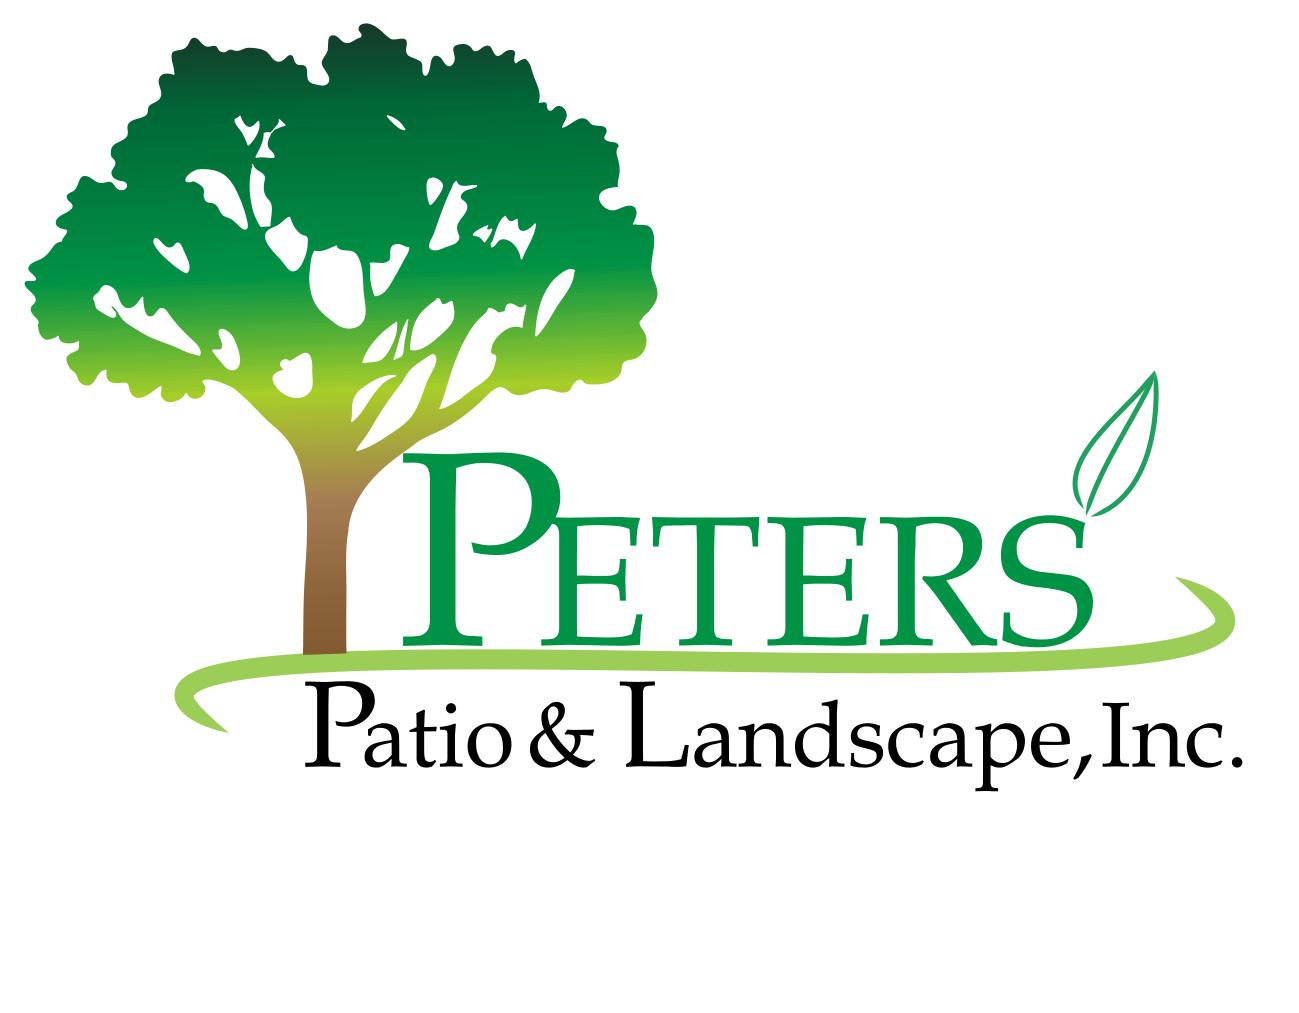 Peters' Patio & Landscape-logo